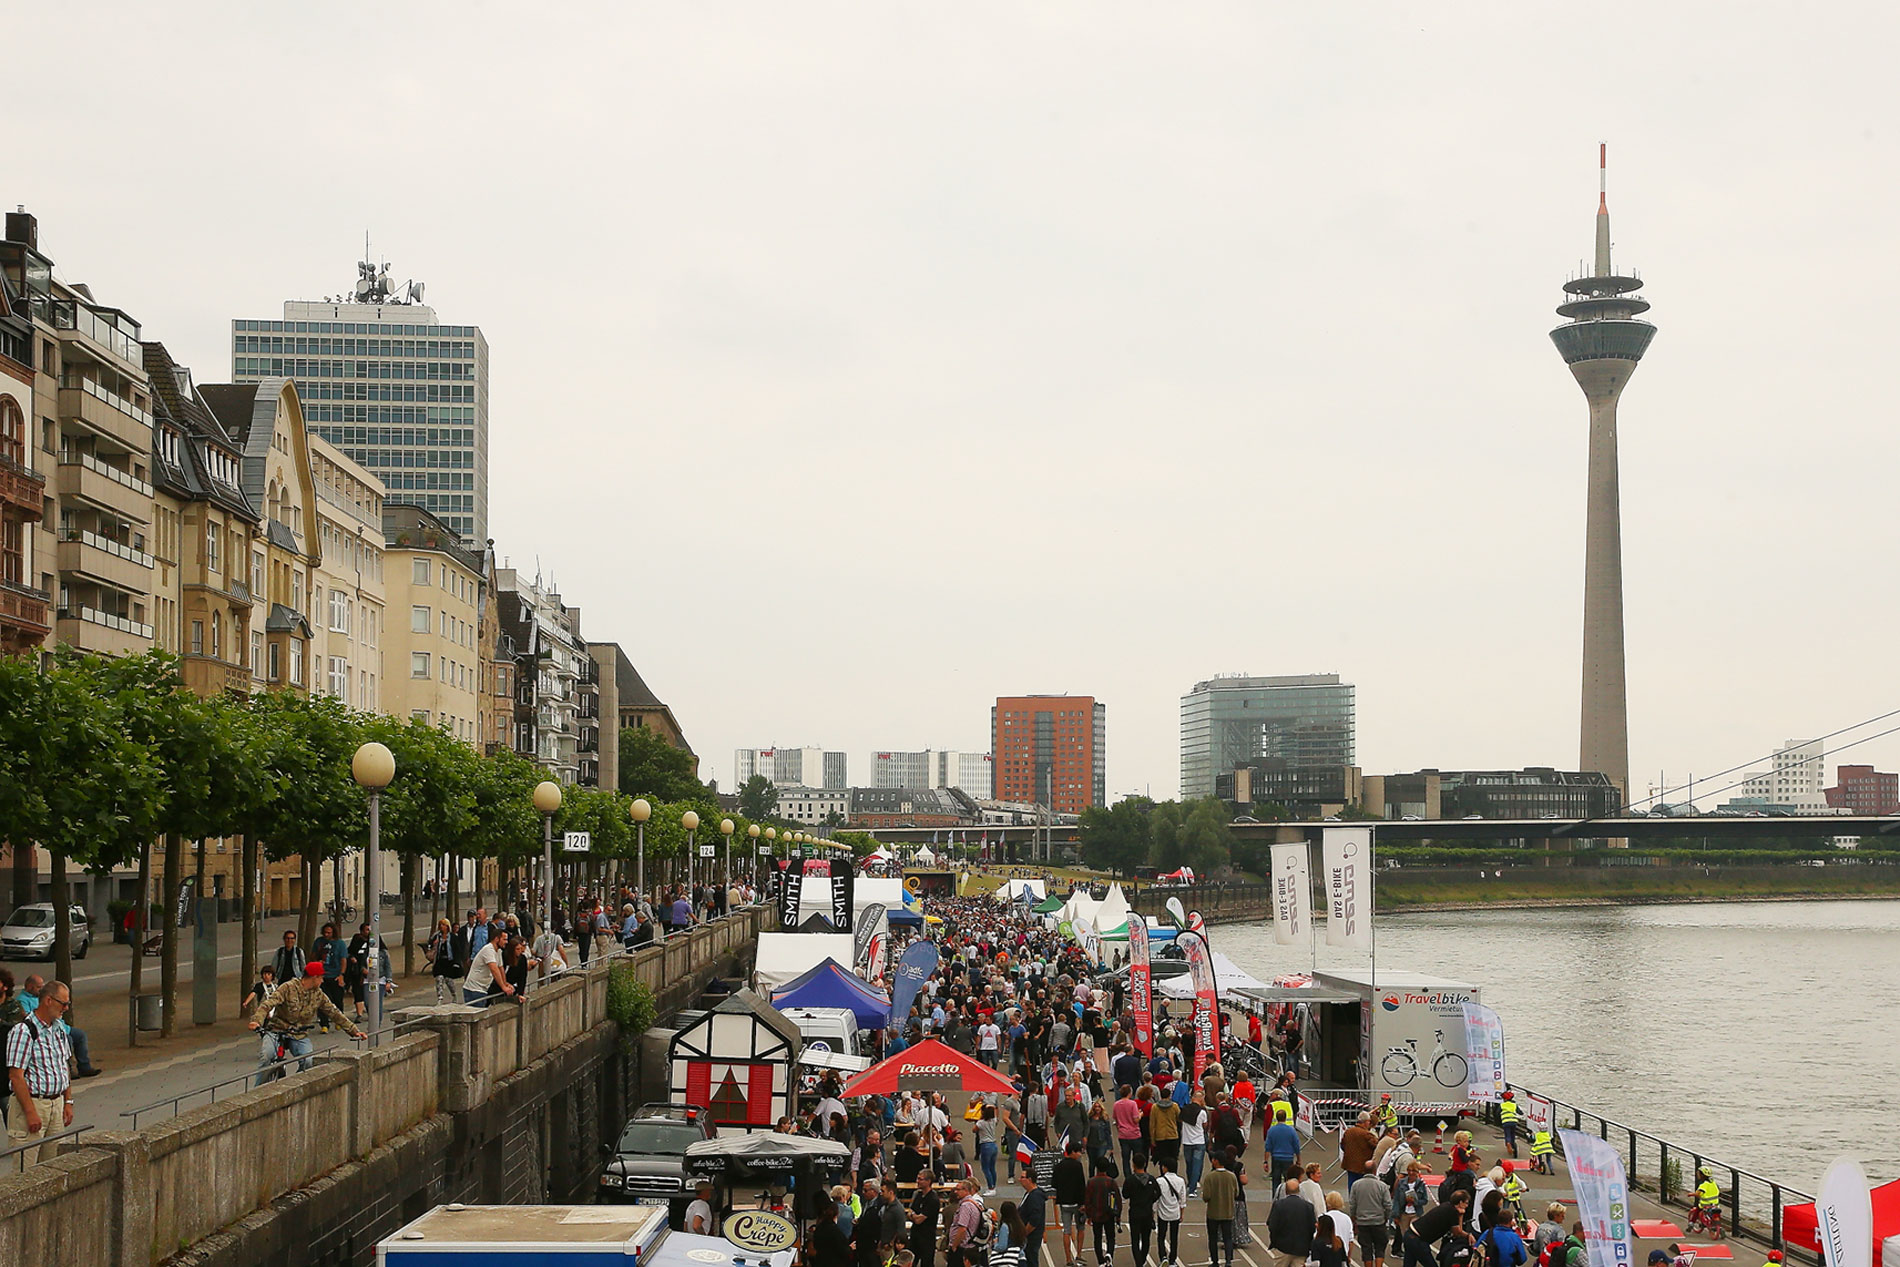 Die Düsseldorfer Rheinpromenade verwandelt sich am Sonntag, 16. Juni, 11 bis 18 Uhr in eine riesige Eventfläche rund ums Fahrrad (Foto: Landeshauptstadt Düsseldorf, David Young)